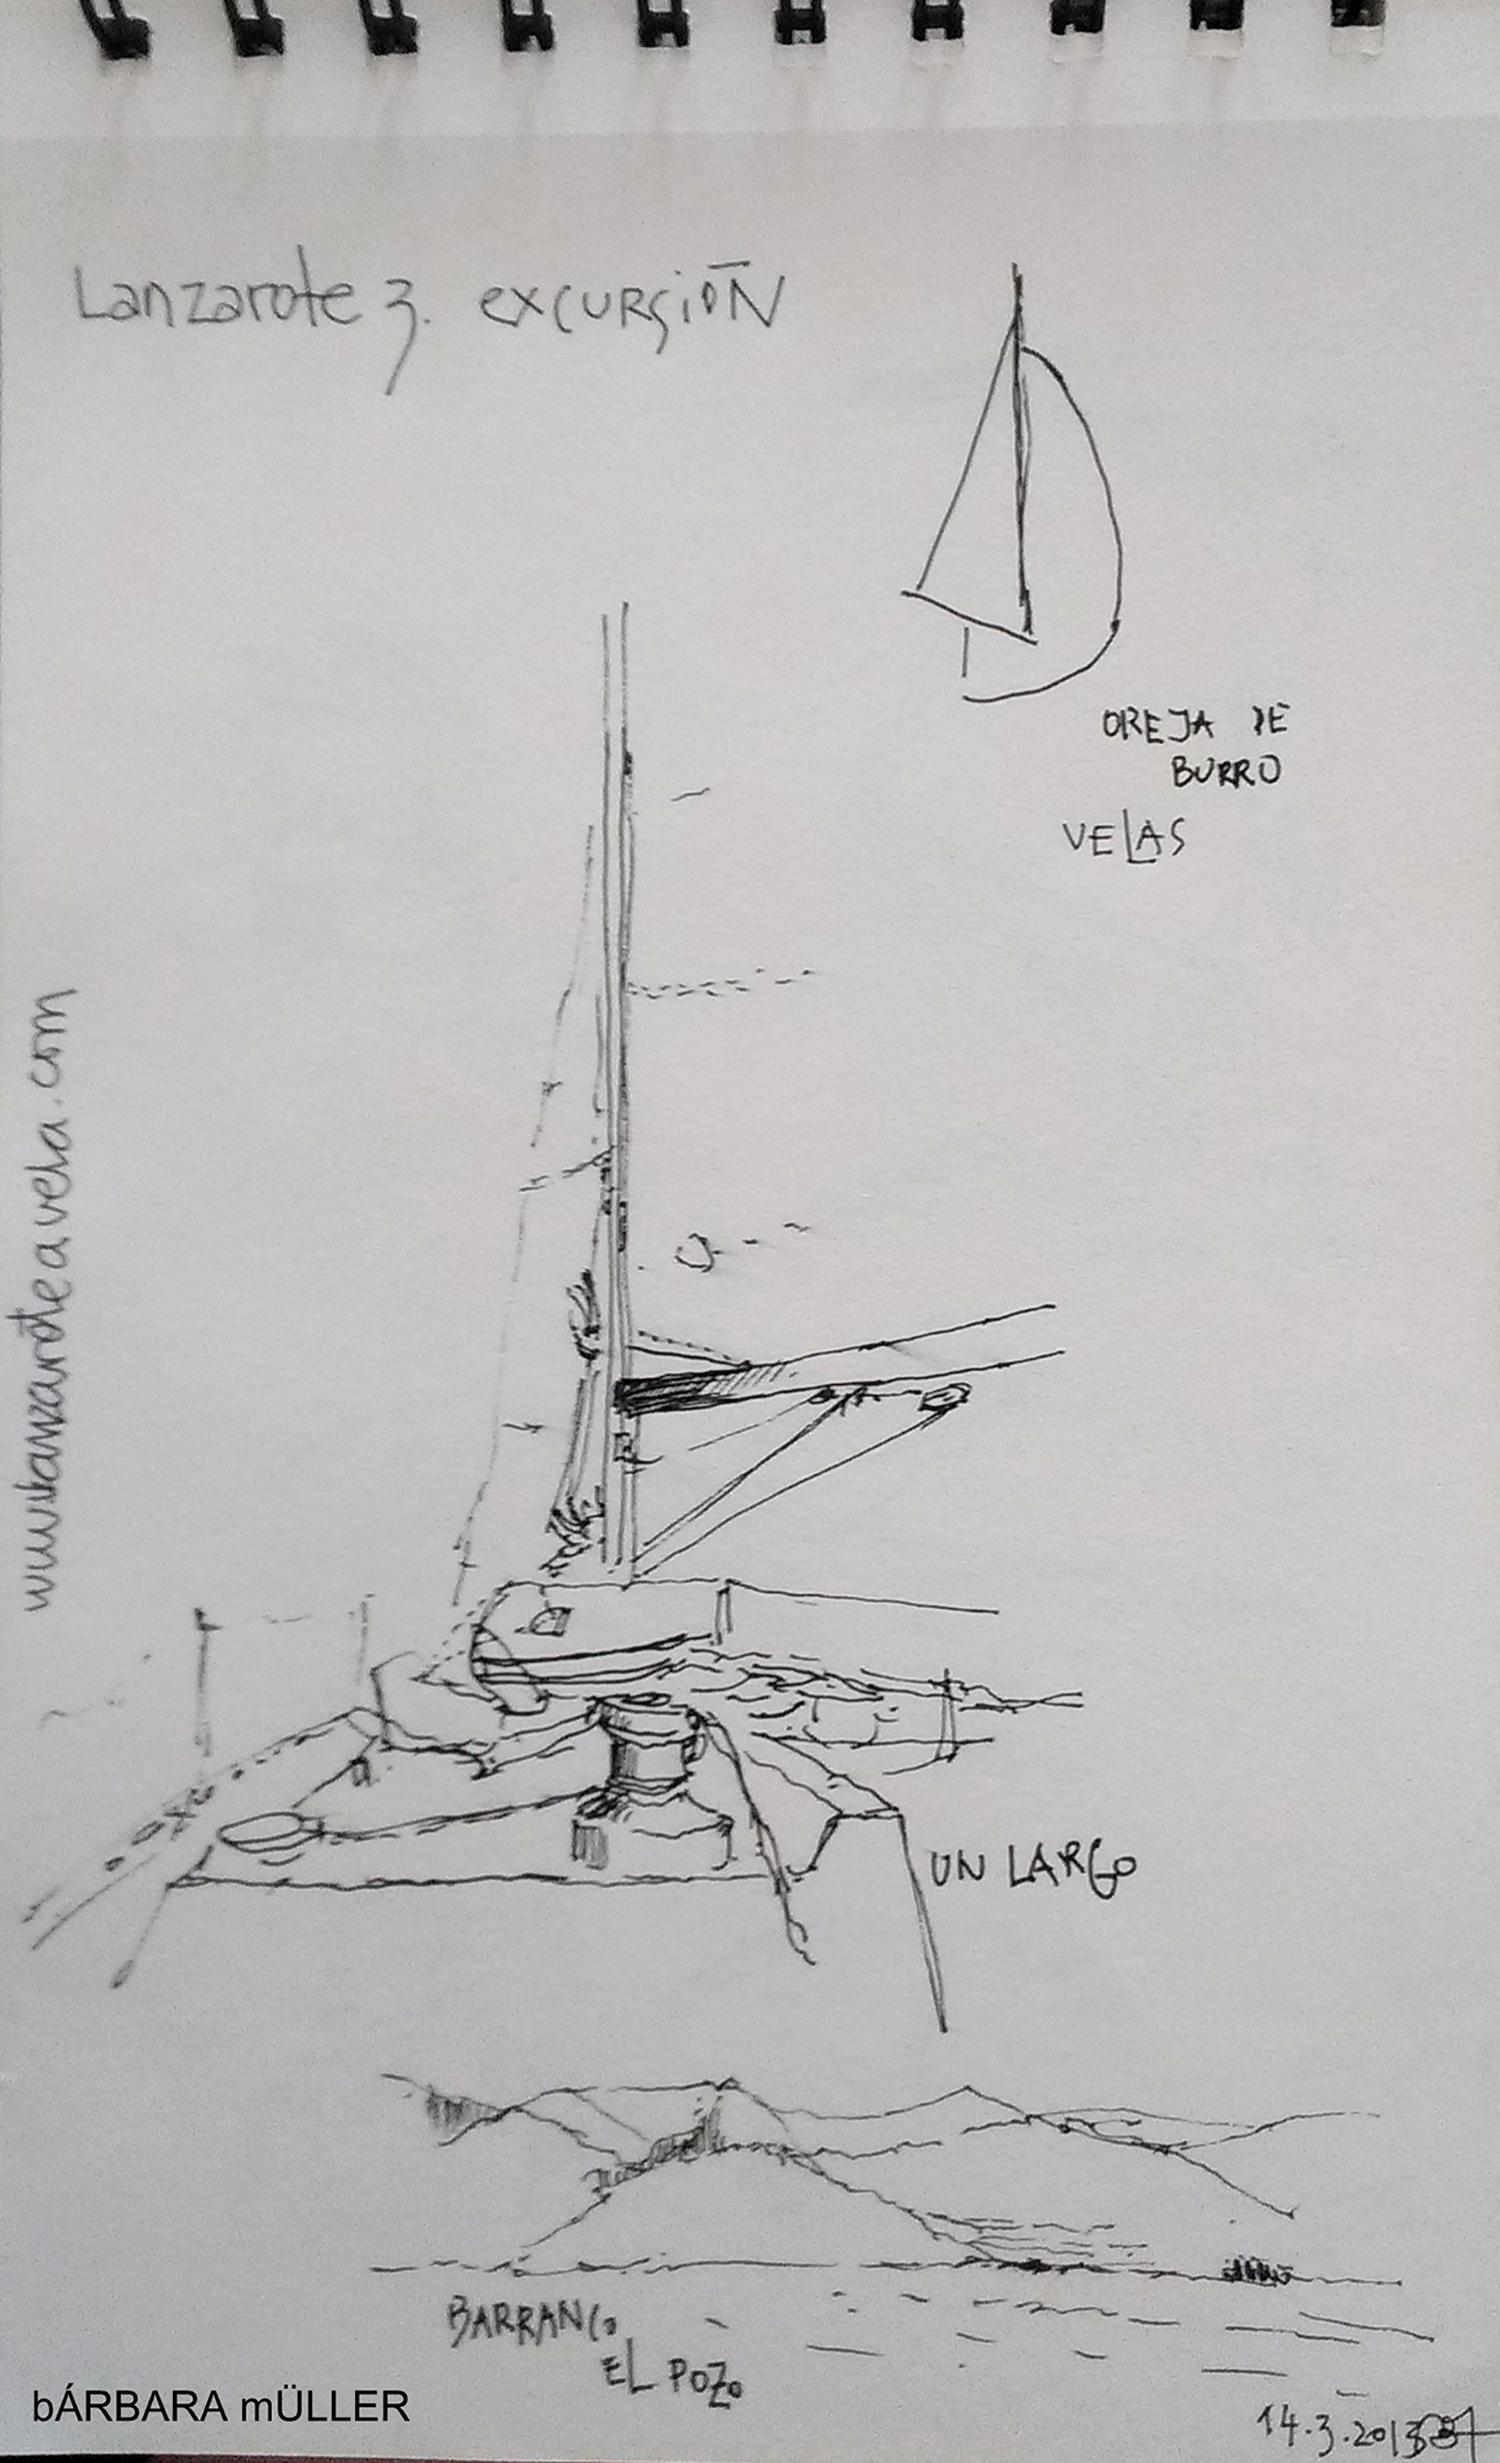 dibujos navegar por lanzarote lobos islas canarias dibujos y acuerelas de barbara muller la graciosa